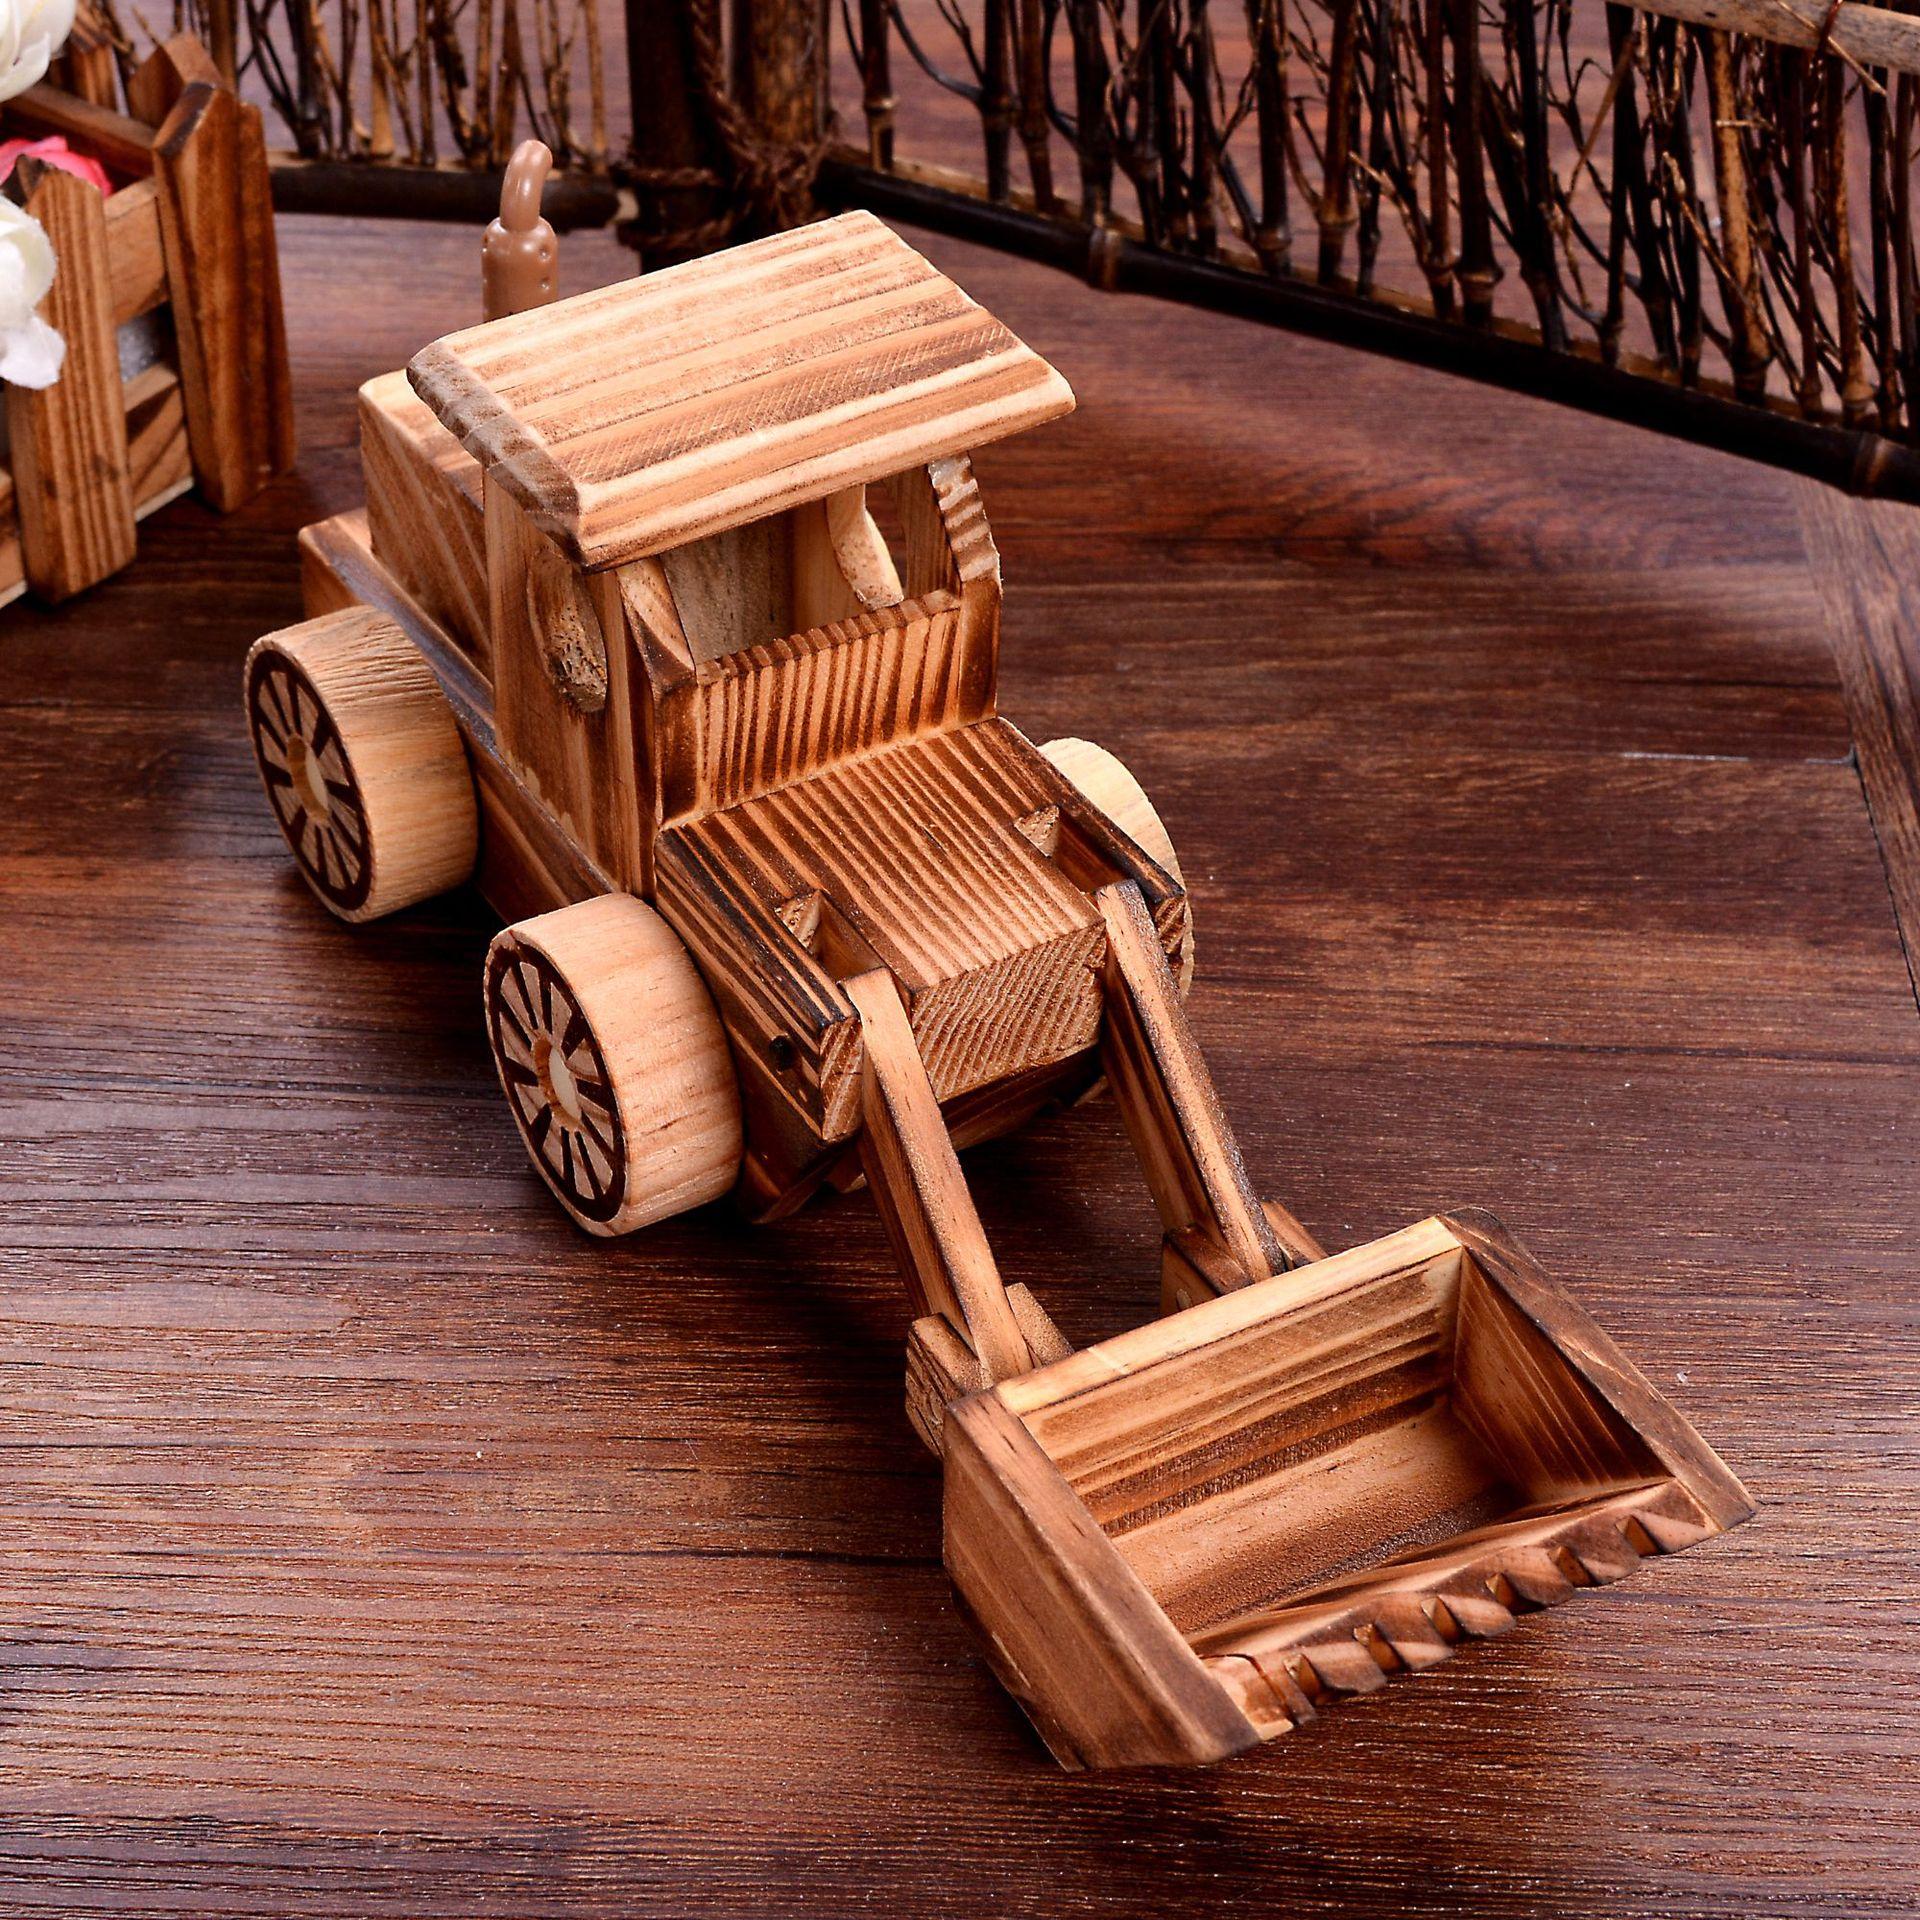 HONGQIN Đồ trang trí bằng gỗ Nhà máy trực tiếp máy xúc gỗ trẻ em đồ chơi máy ủi gỗ thủ công đồ trang